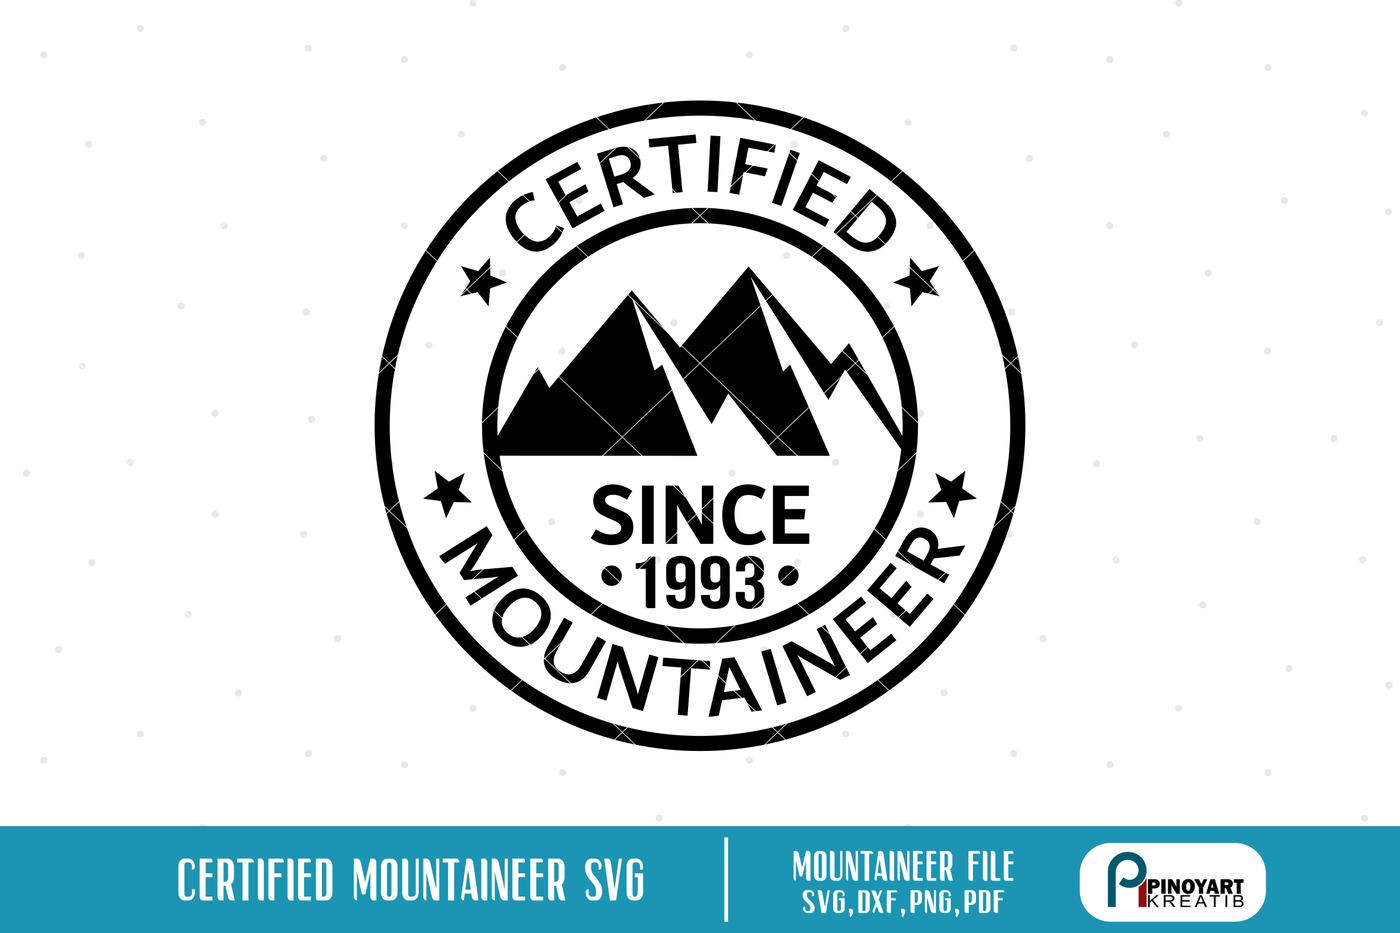 Mountaineer Svg Mountaineer Logo Svg Mountain Svg File Mountains